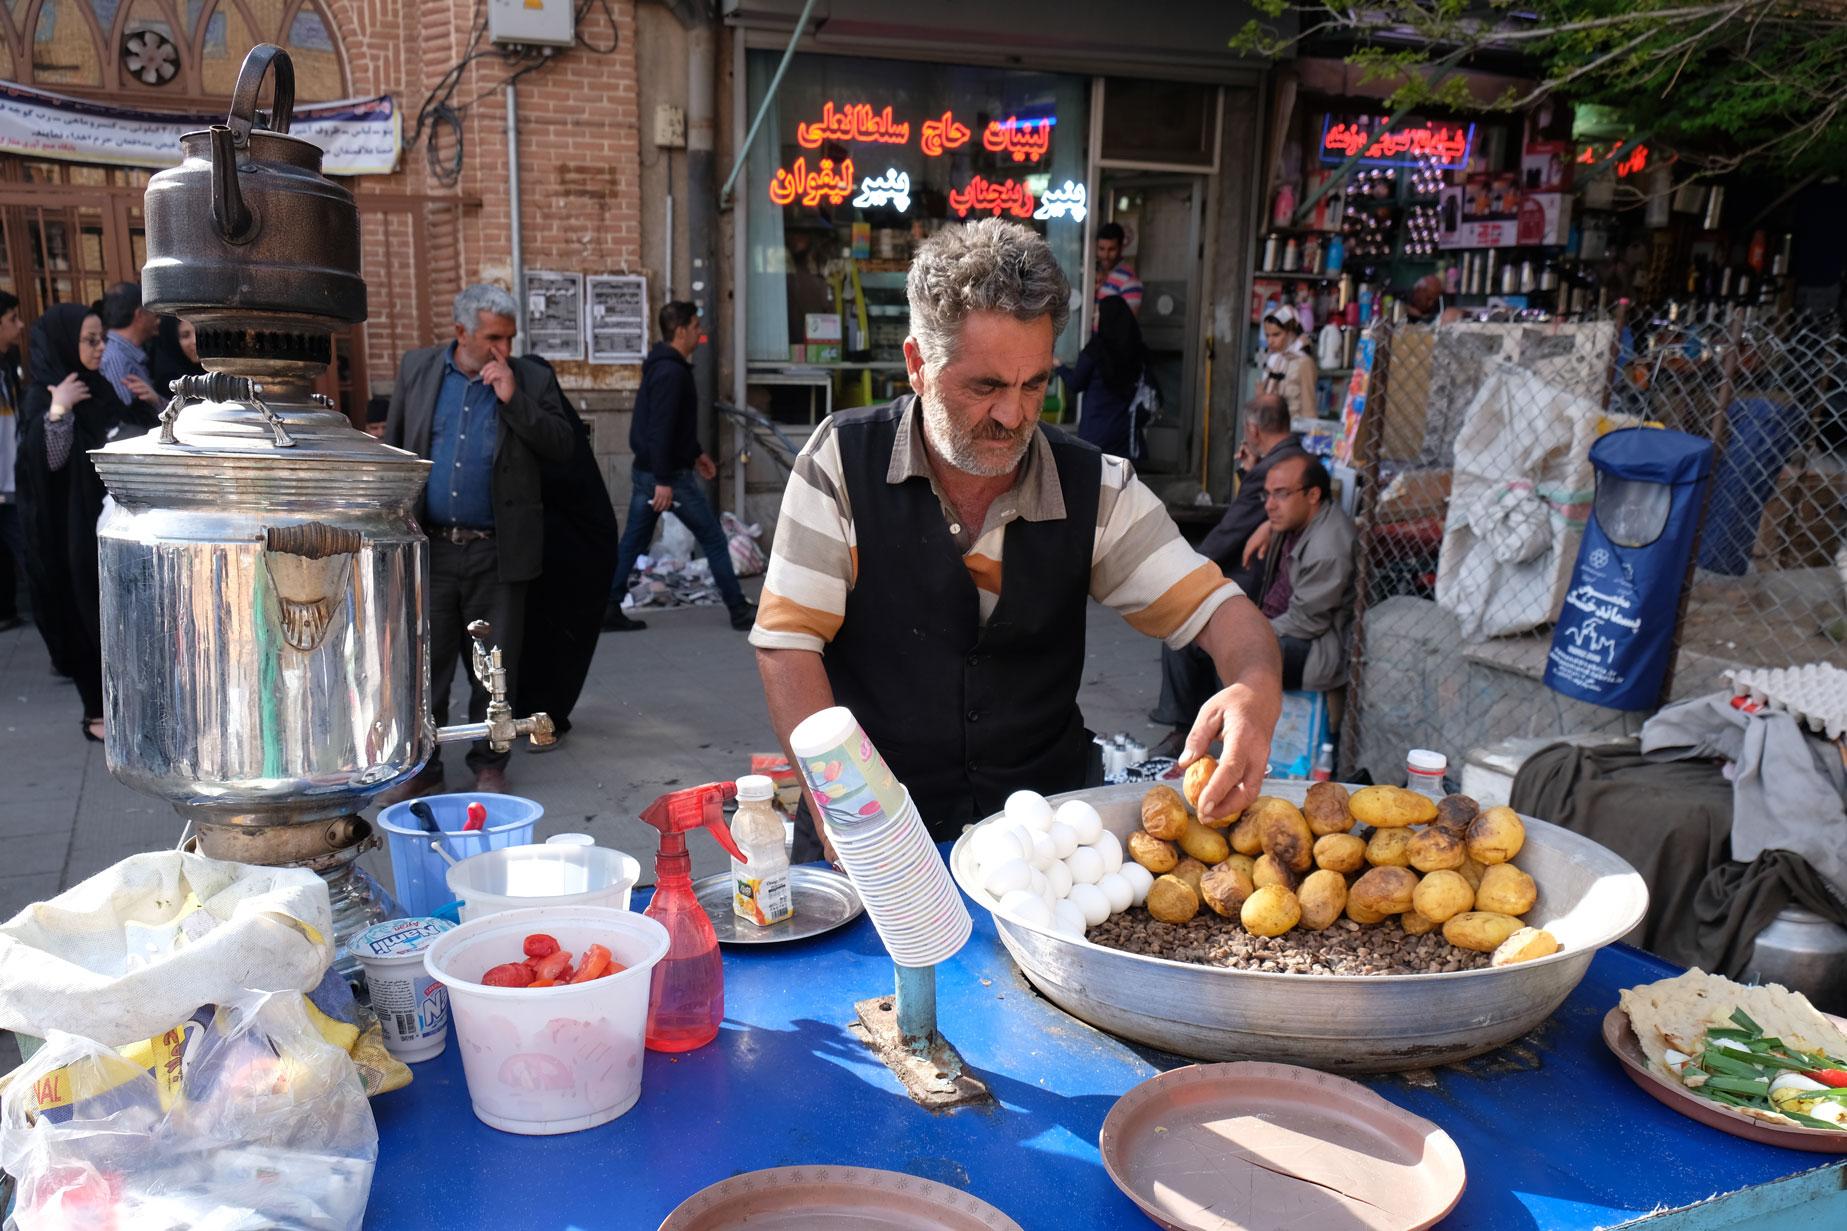 Ein Verkäufer bereitet geröstete Kartoffeln zu